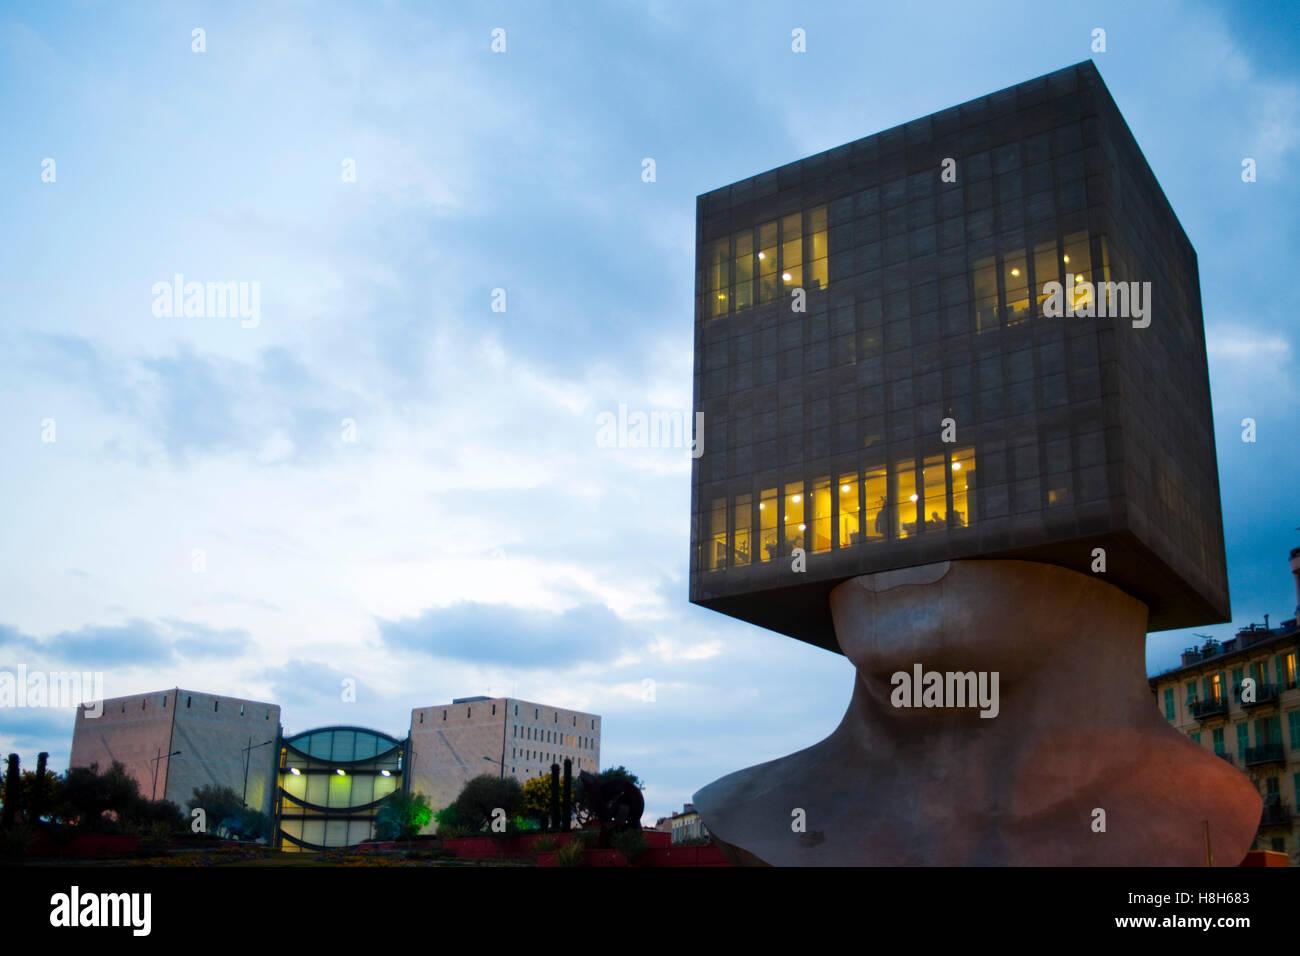 Frankreich, Cote d ' Azur, Nizza, Nizzas Neue Bibliothek Louis Nucera Bietet Auf Rund 10 600 Quadratmetern Eine Stockbild